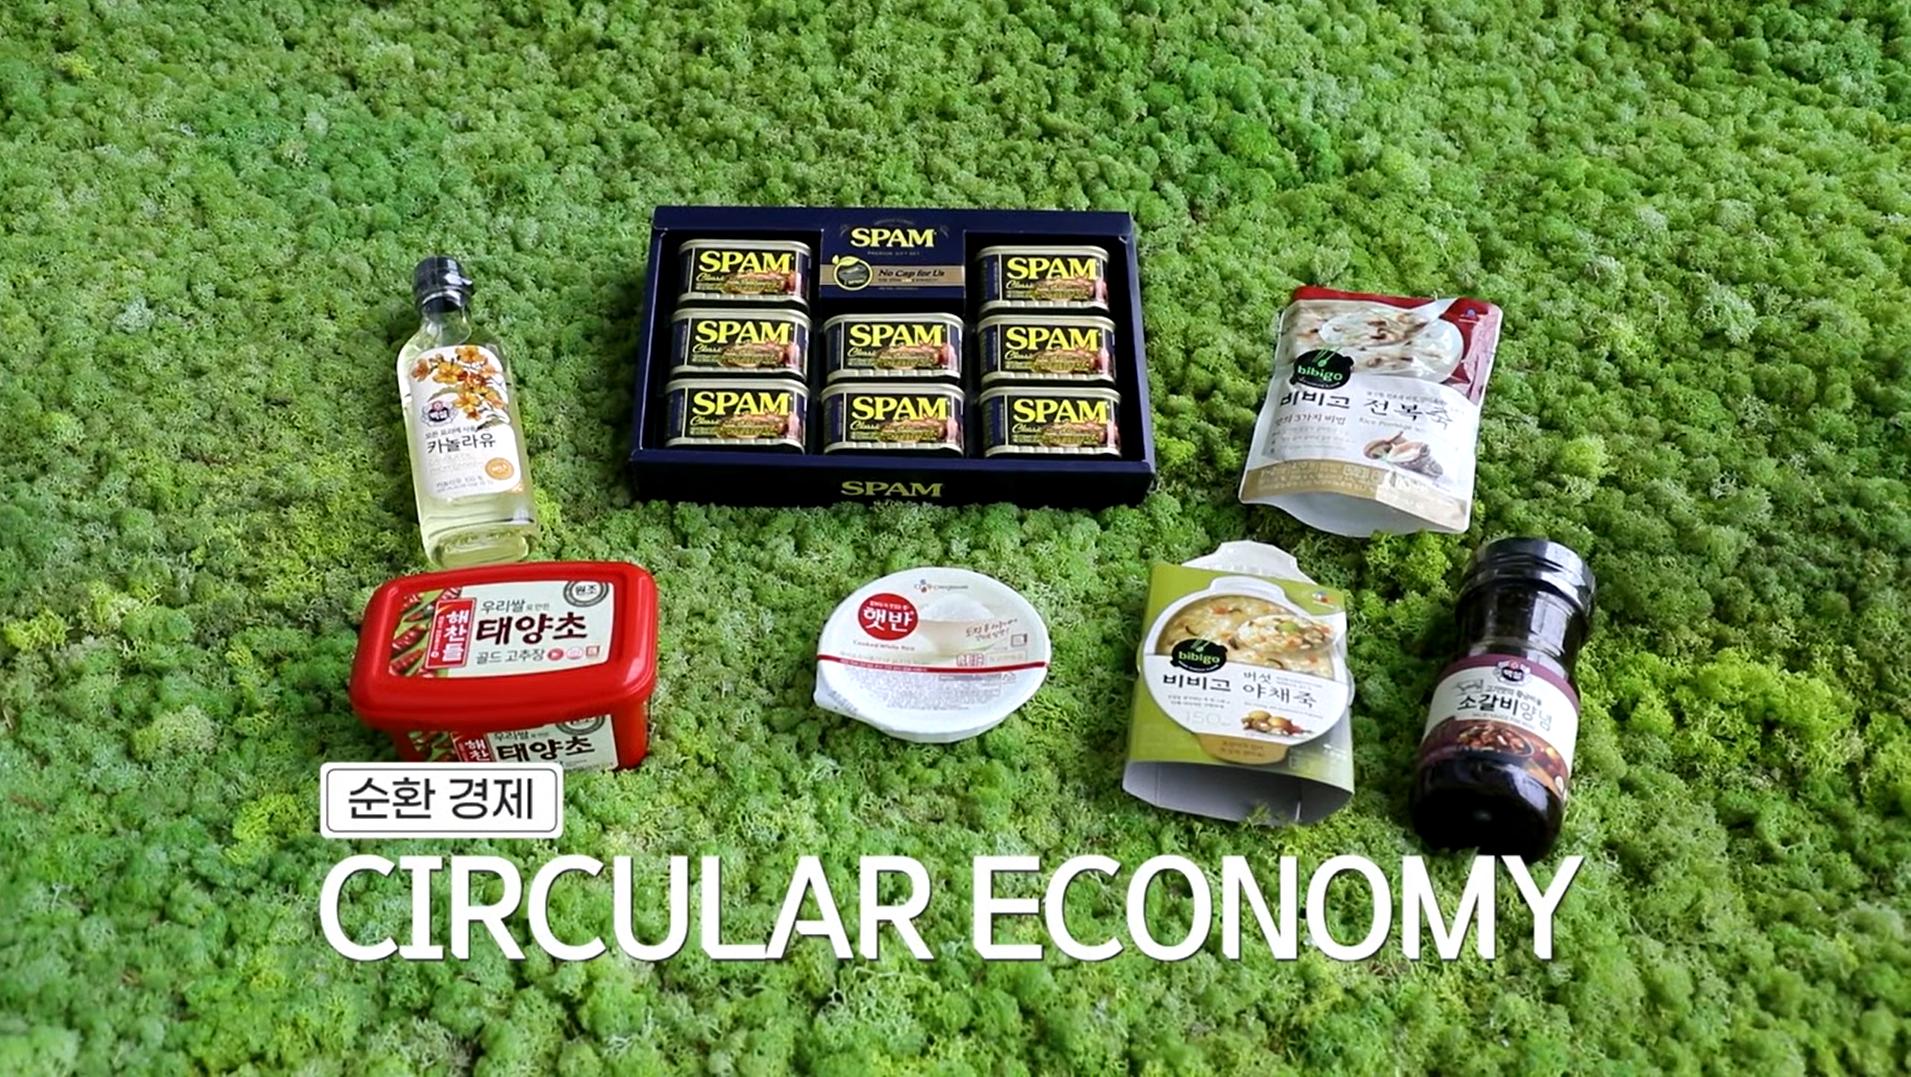 [특별기획 – 필환경 시대, CJ제일제당은?] ① 순환경제, 환경보호를 위한 중요한 키!